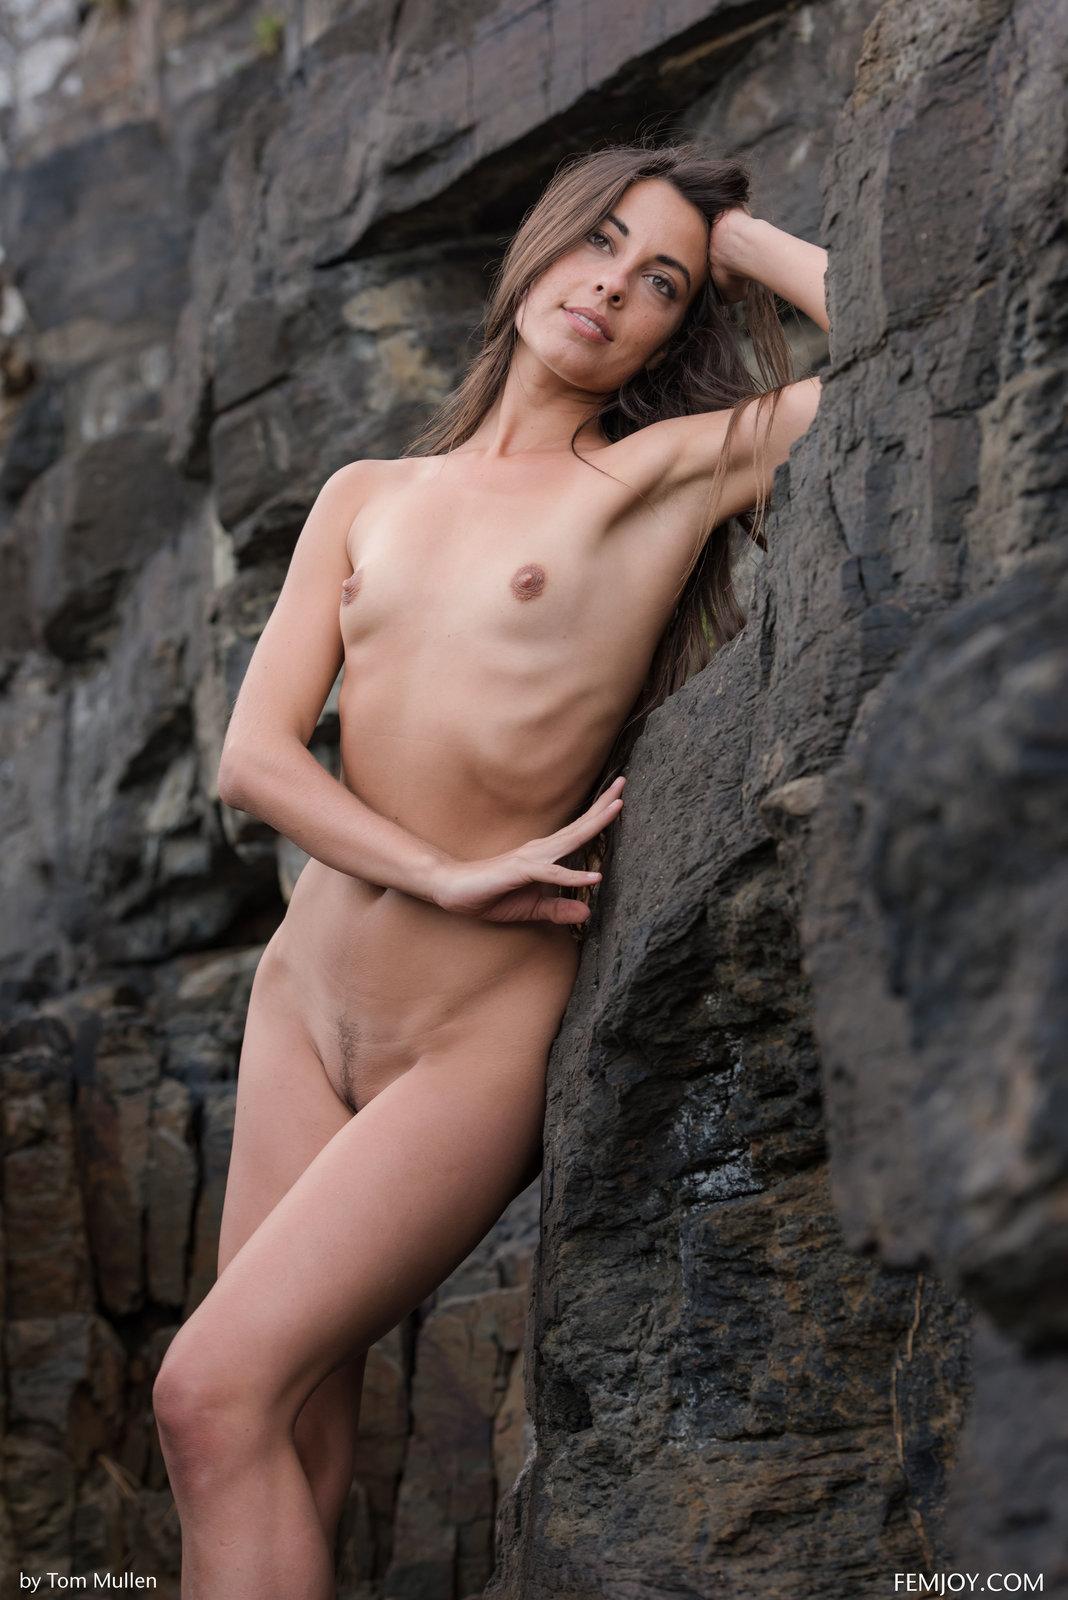 Zdjęcie porno - 108 - Naga laska na wakacjach